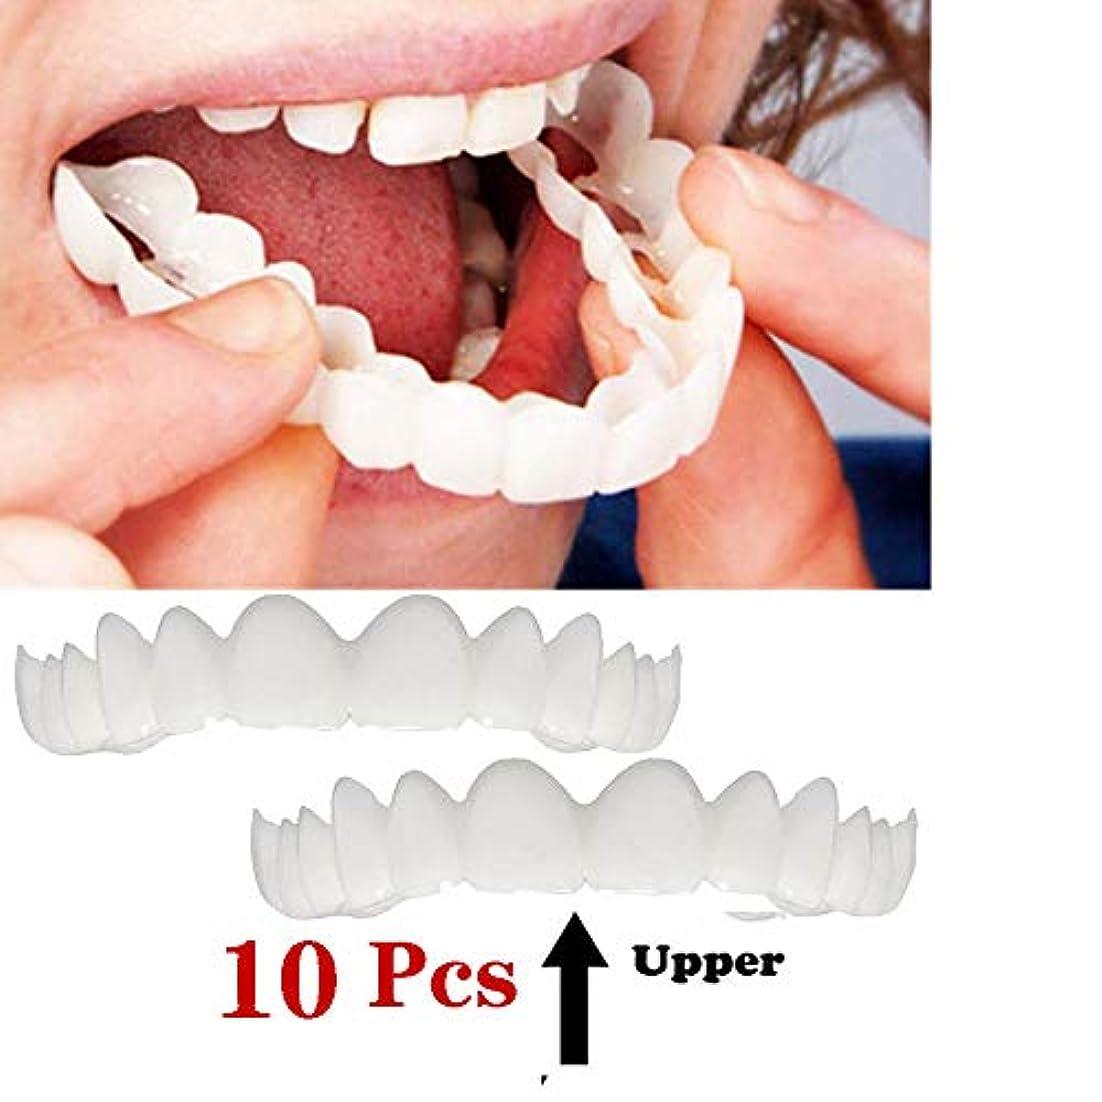 真夜中高度スキルシリコンベニヤティース偽の歯パーフェクトスマイルベニヤストック補正矯正義歯悪い義歯ベニヤベニヤ歯ホワイトニング